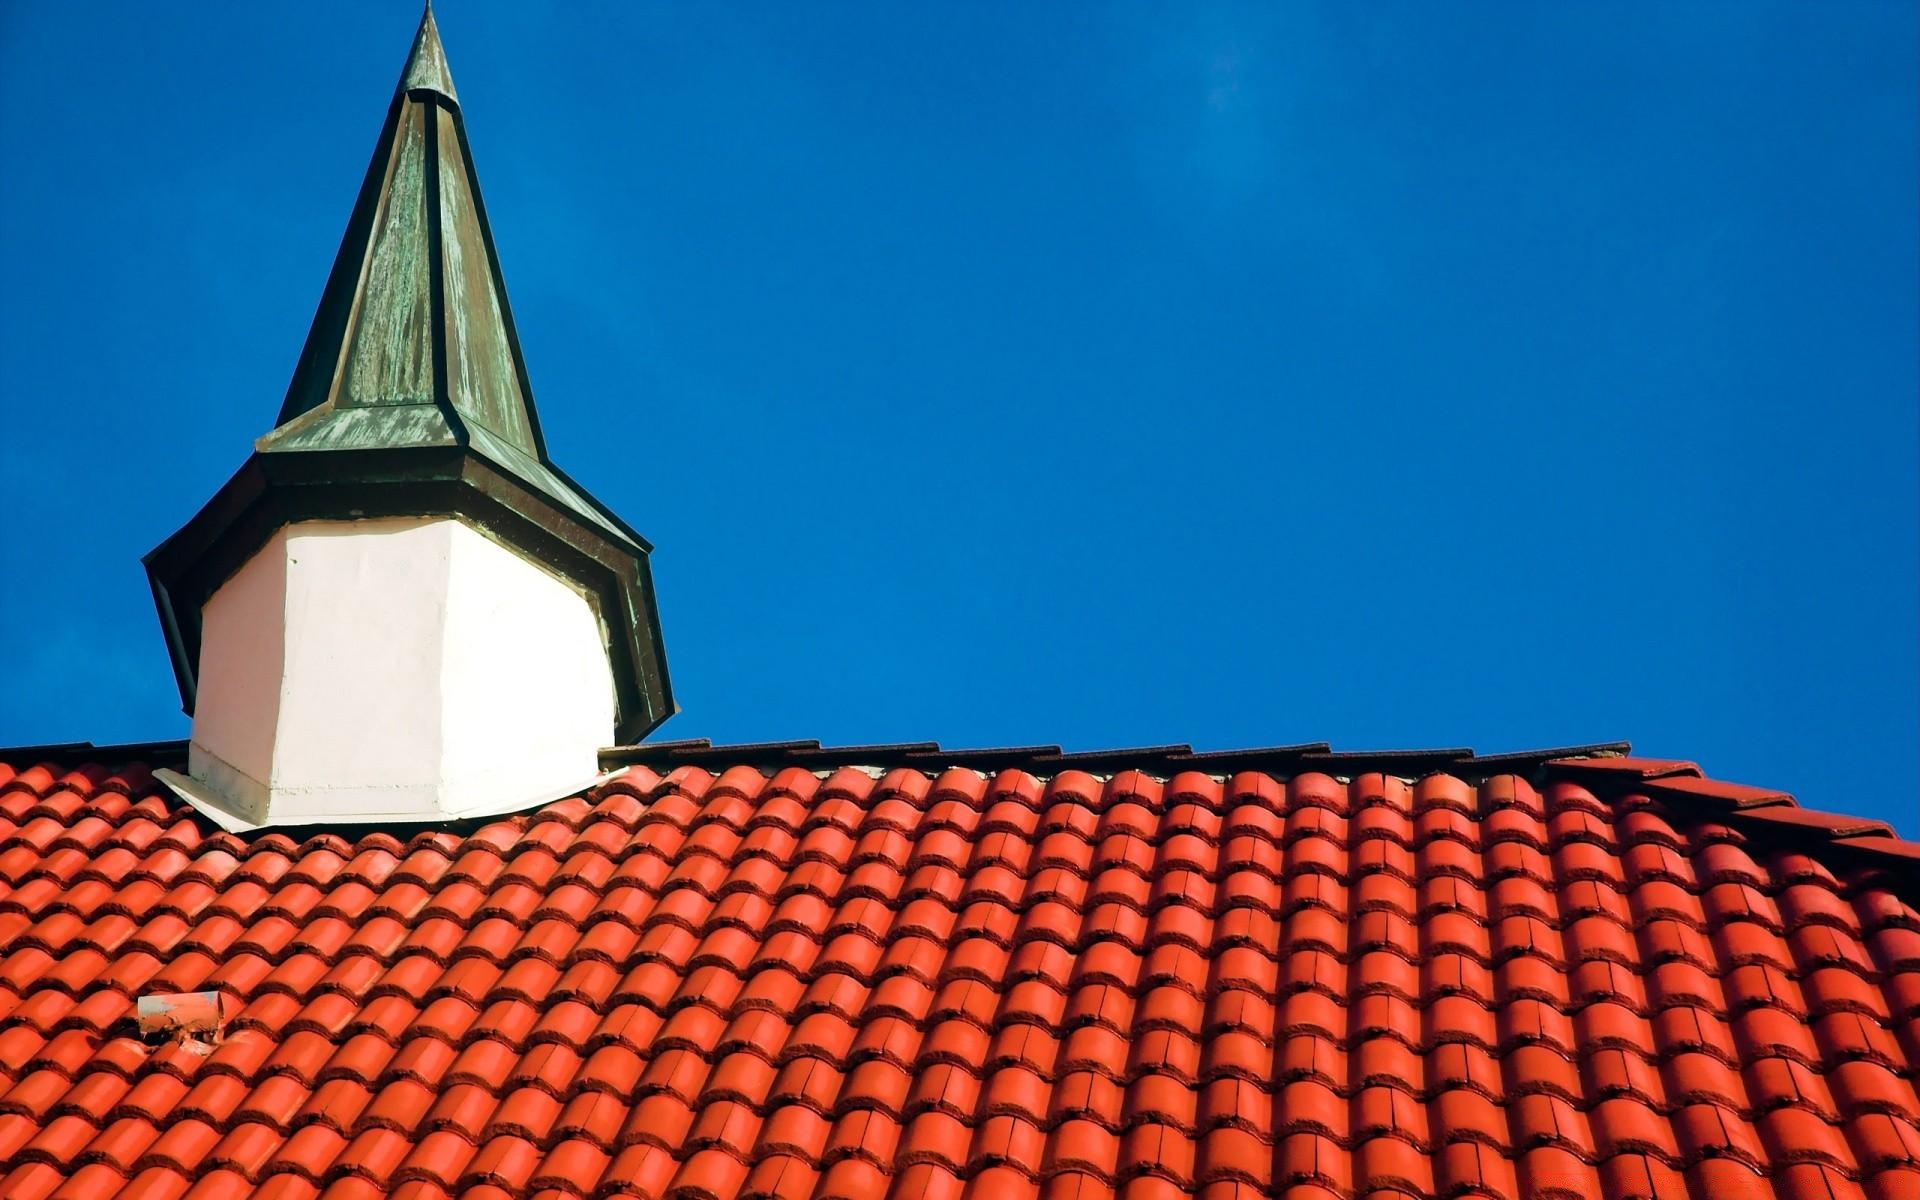 фото на рабочий стол крыши домов чувствуете голод